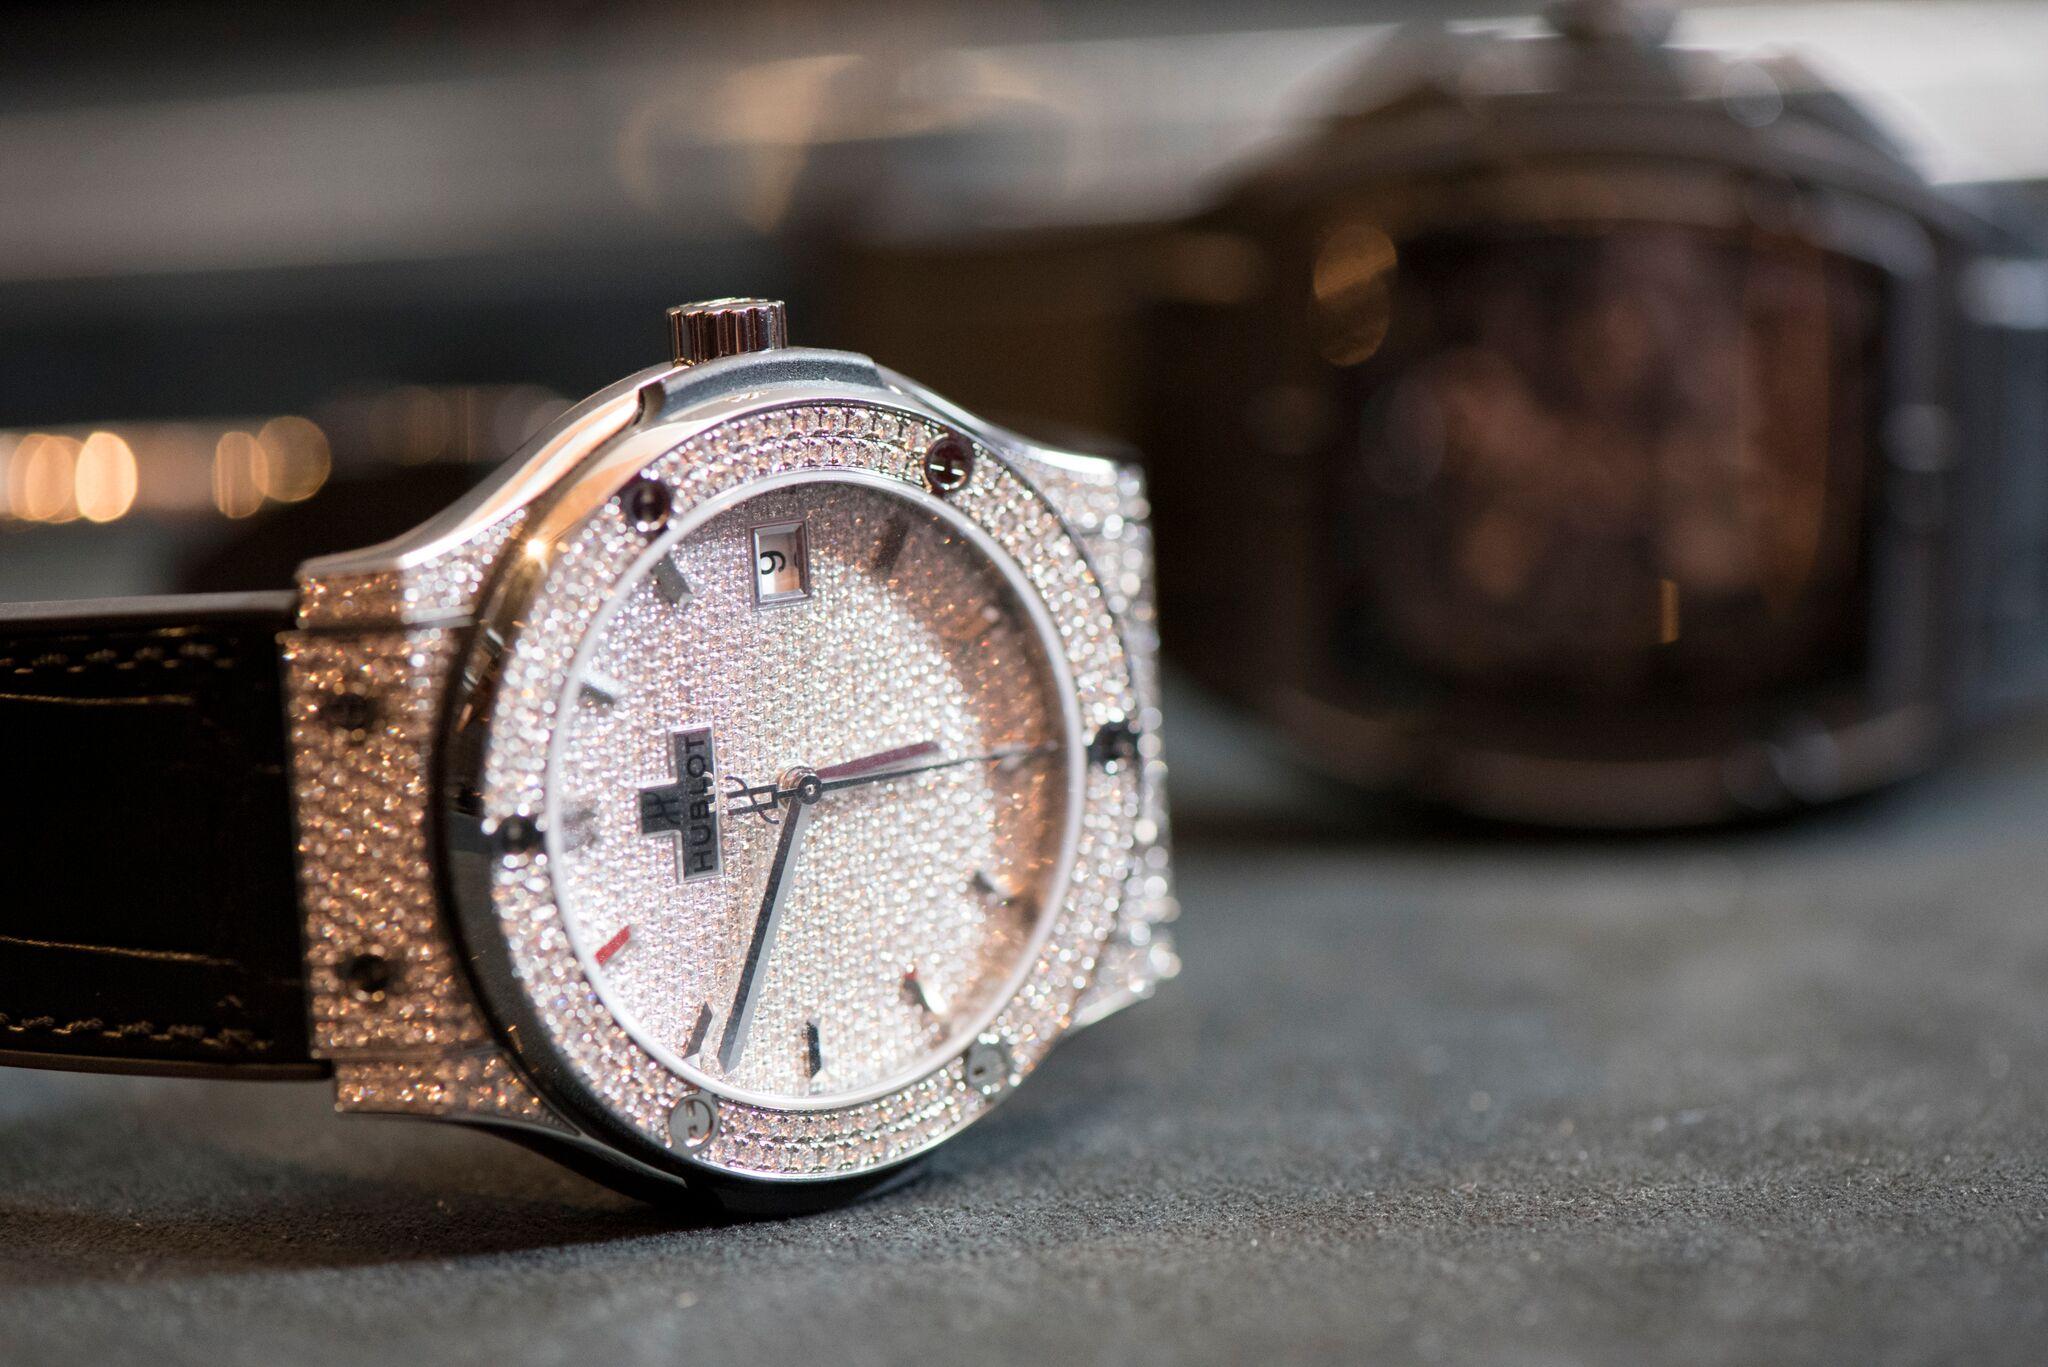 hublot-watches-chicago-44.jpg